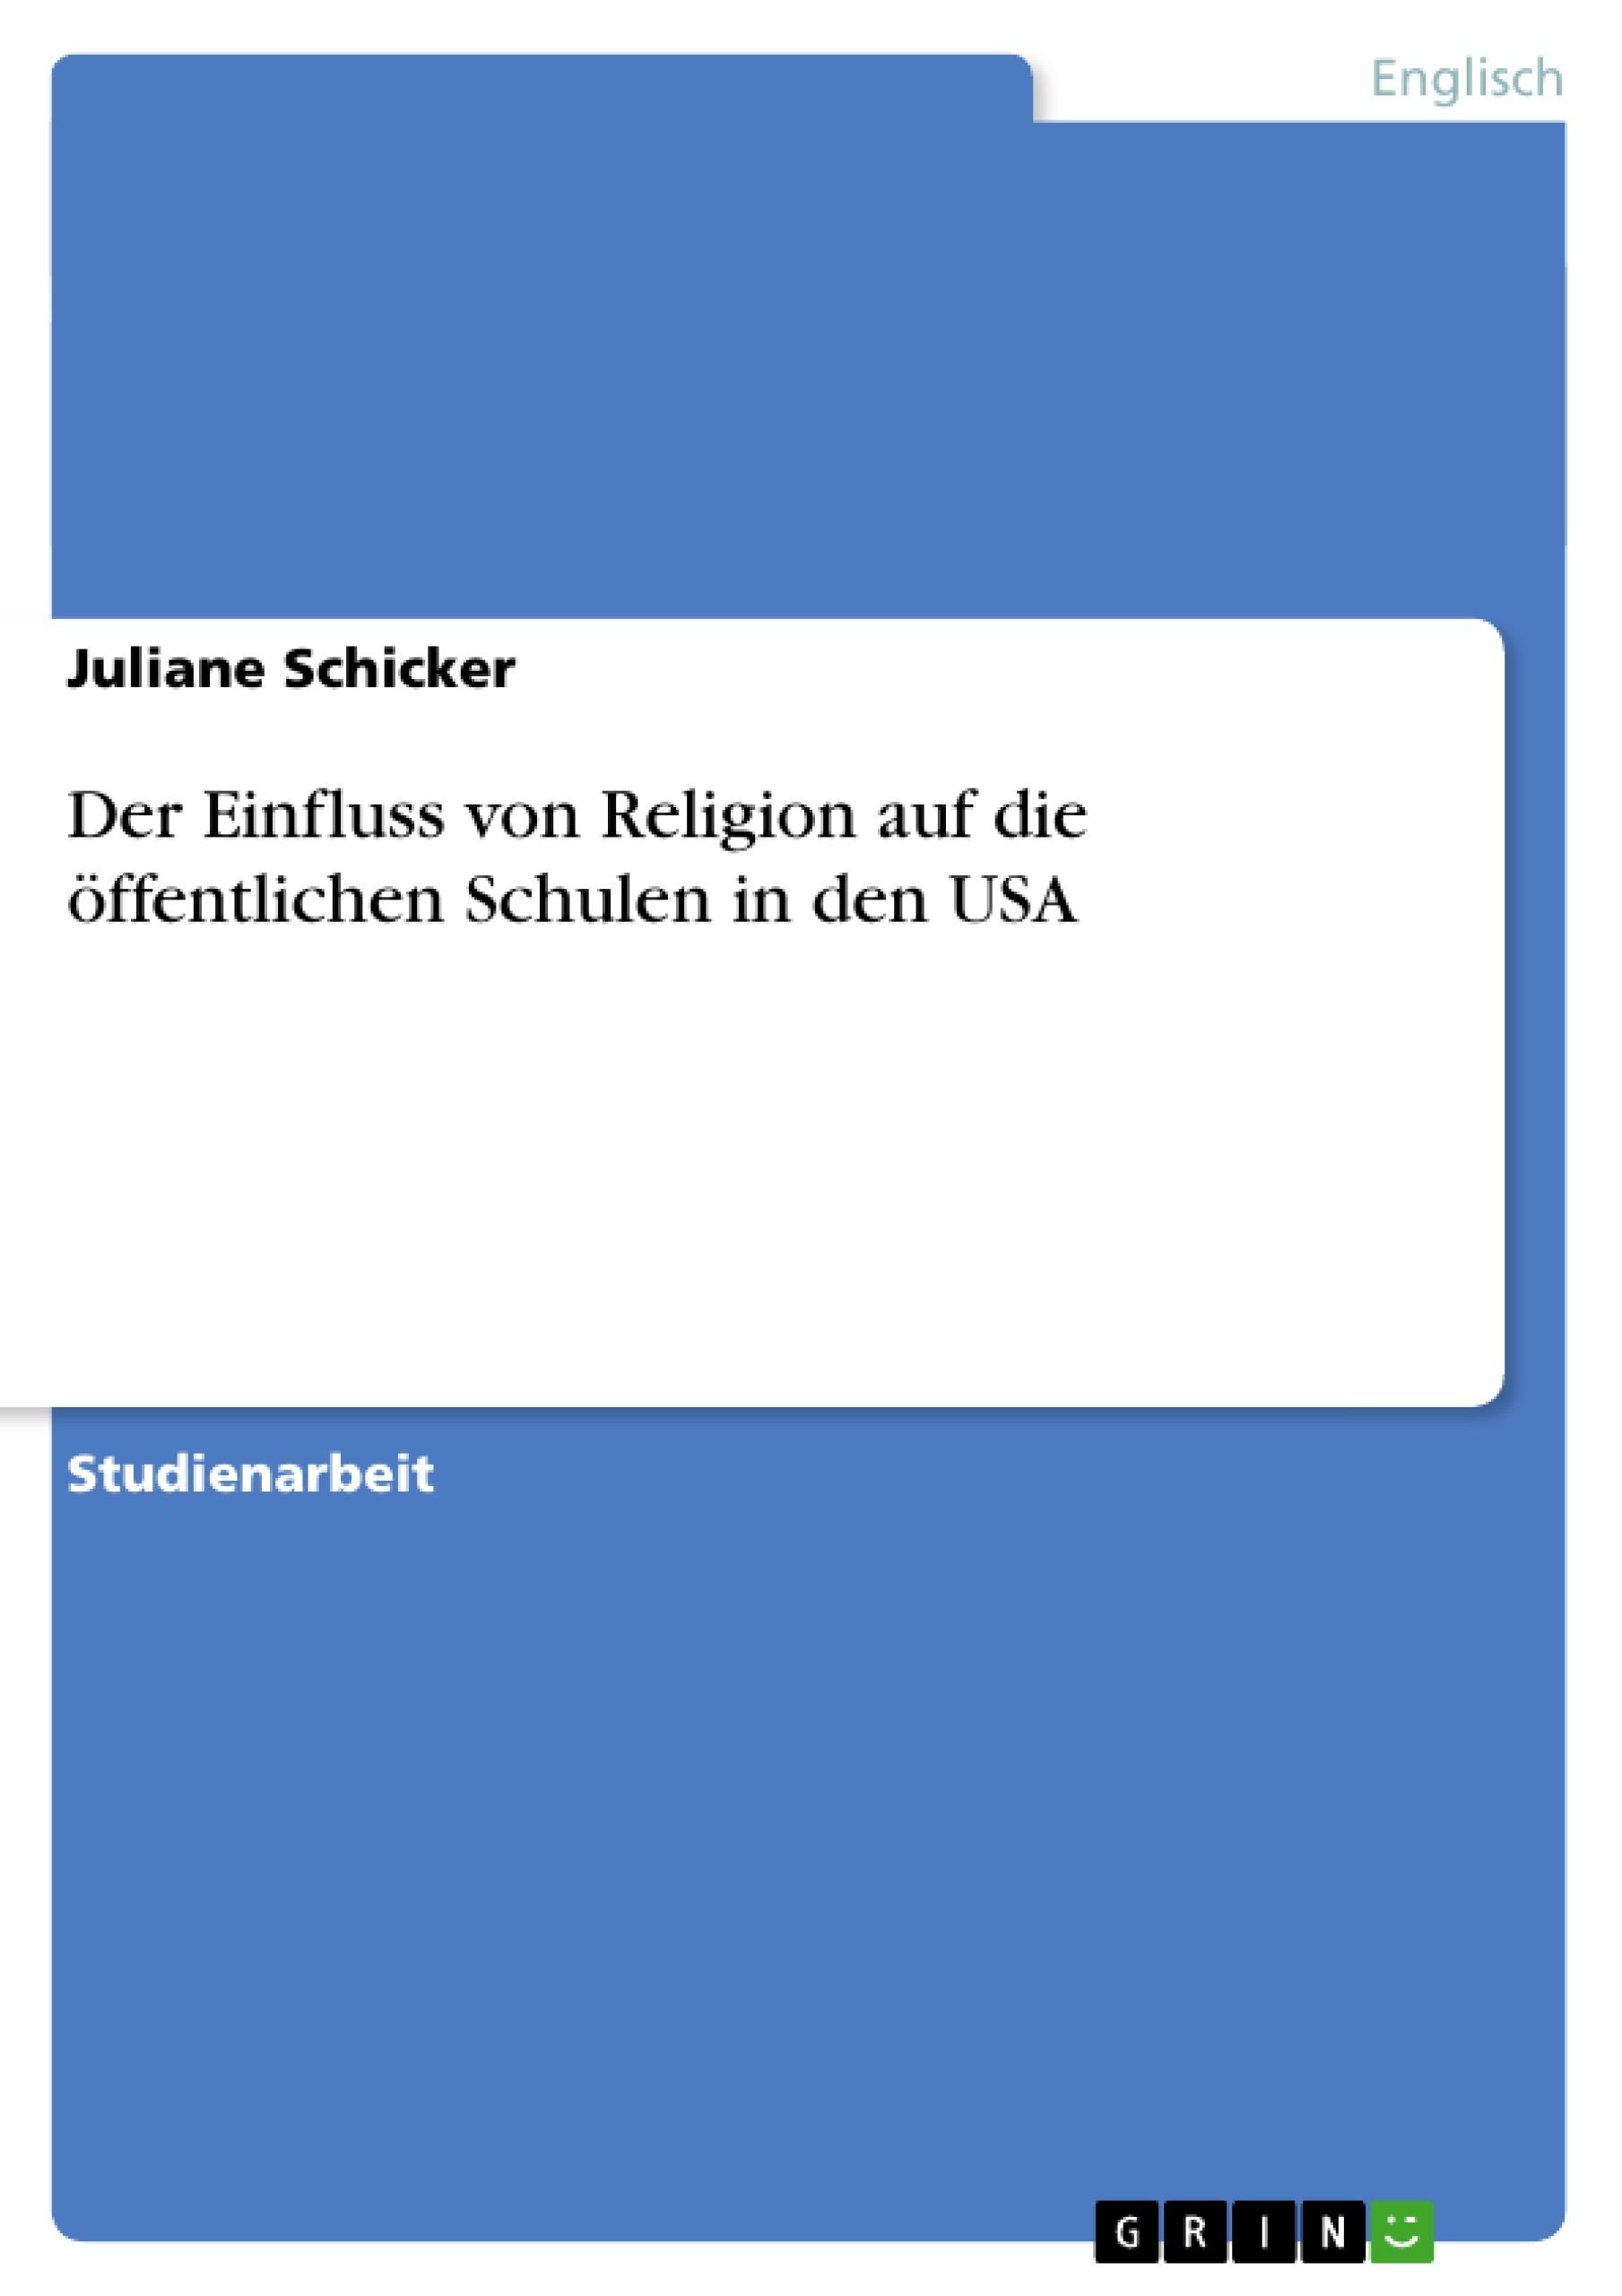 Titel: Der Einfluss von Religion auf die öffentlichen Schulen in den USA